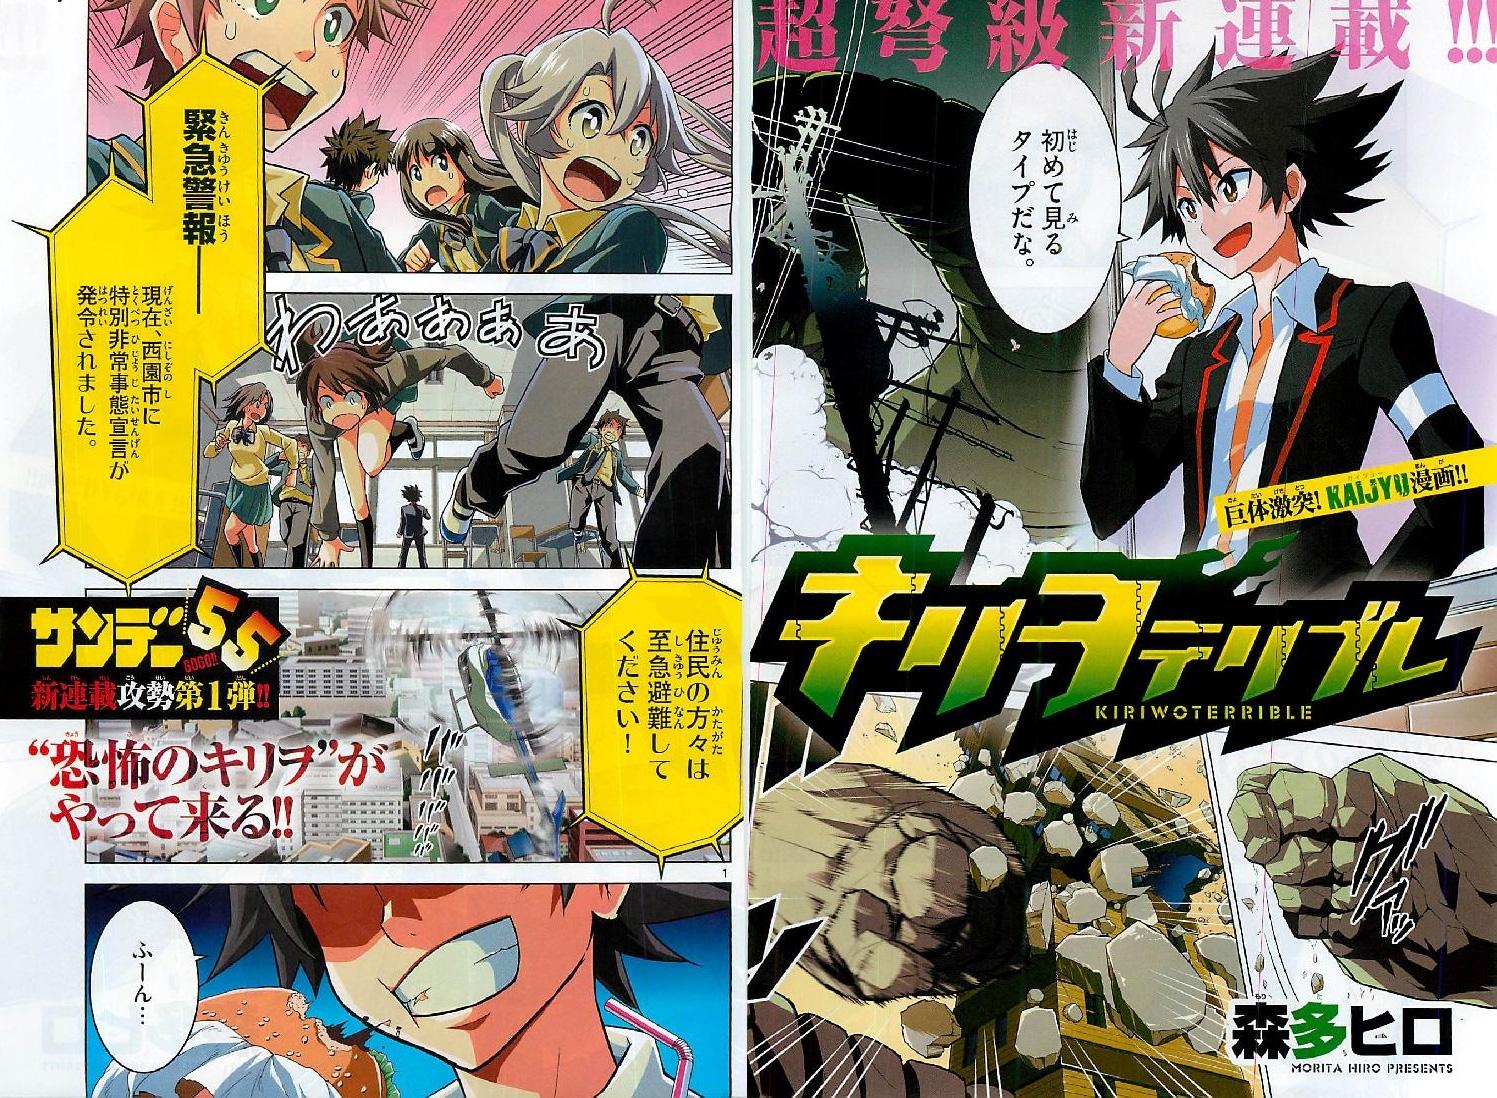 Die Shonen Sunday vom Verlag Shogakukan wird 55 Jahre - Zur Feier star